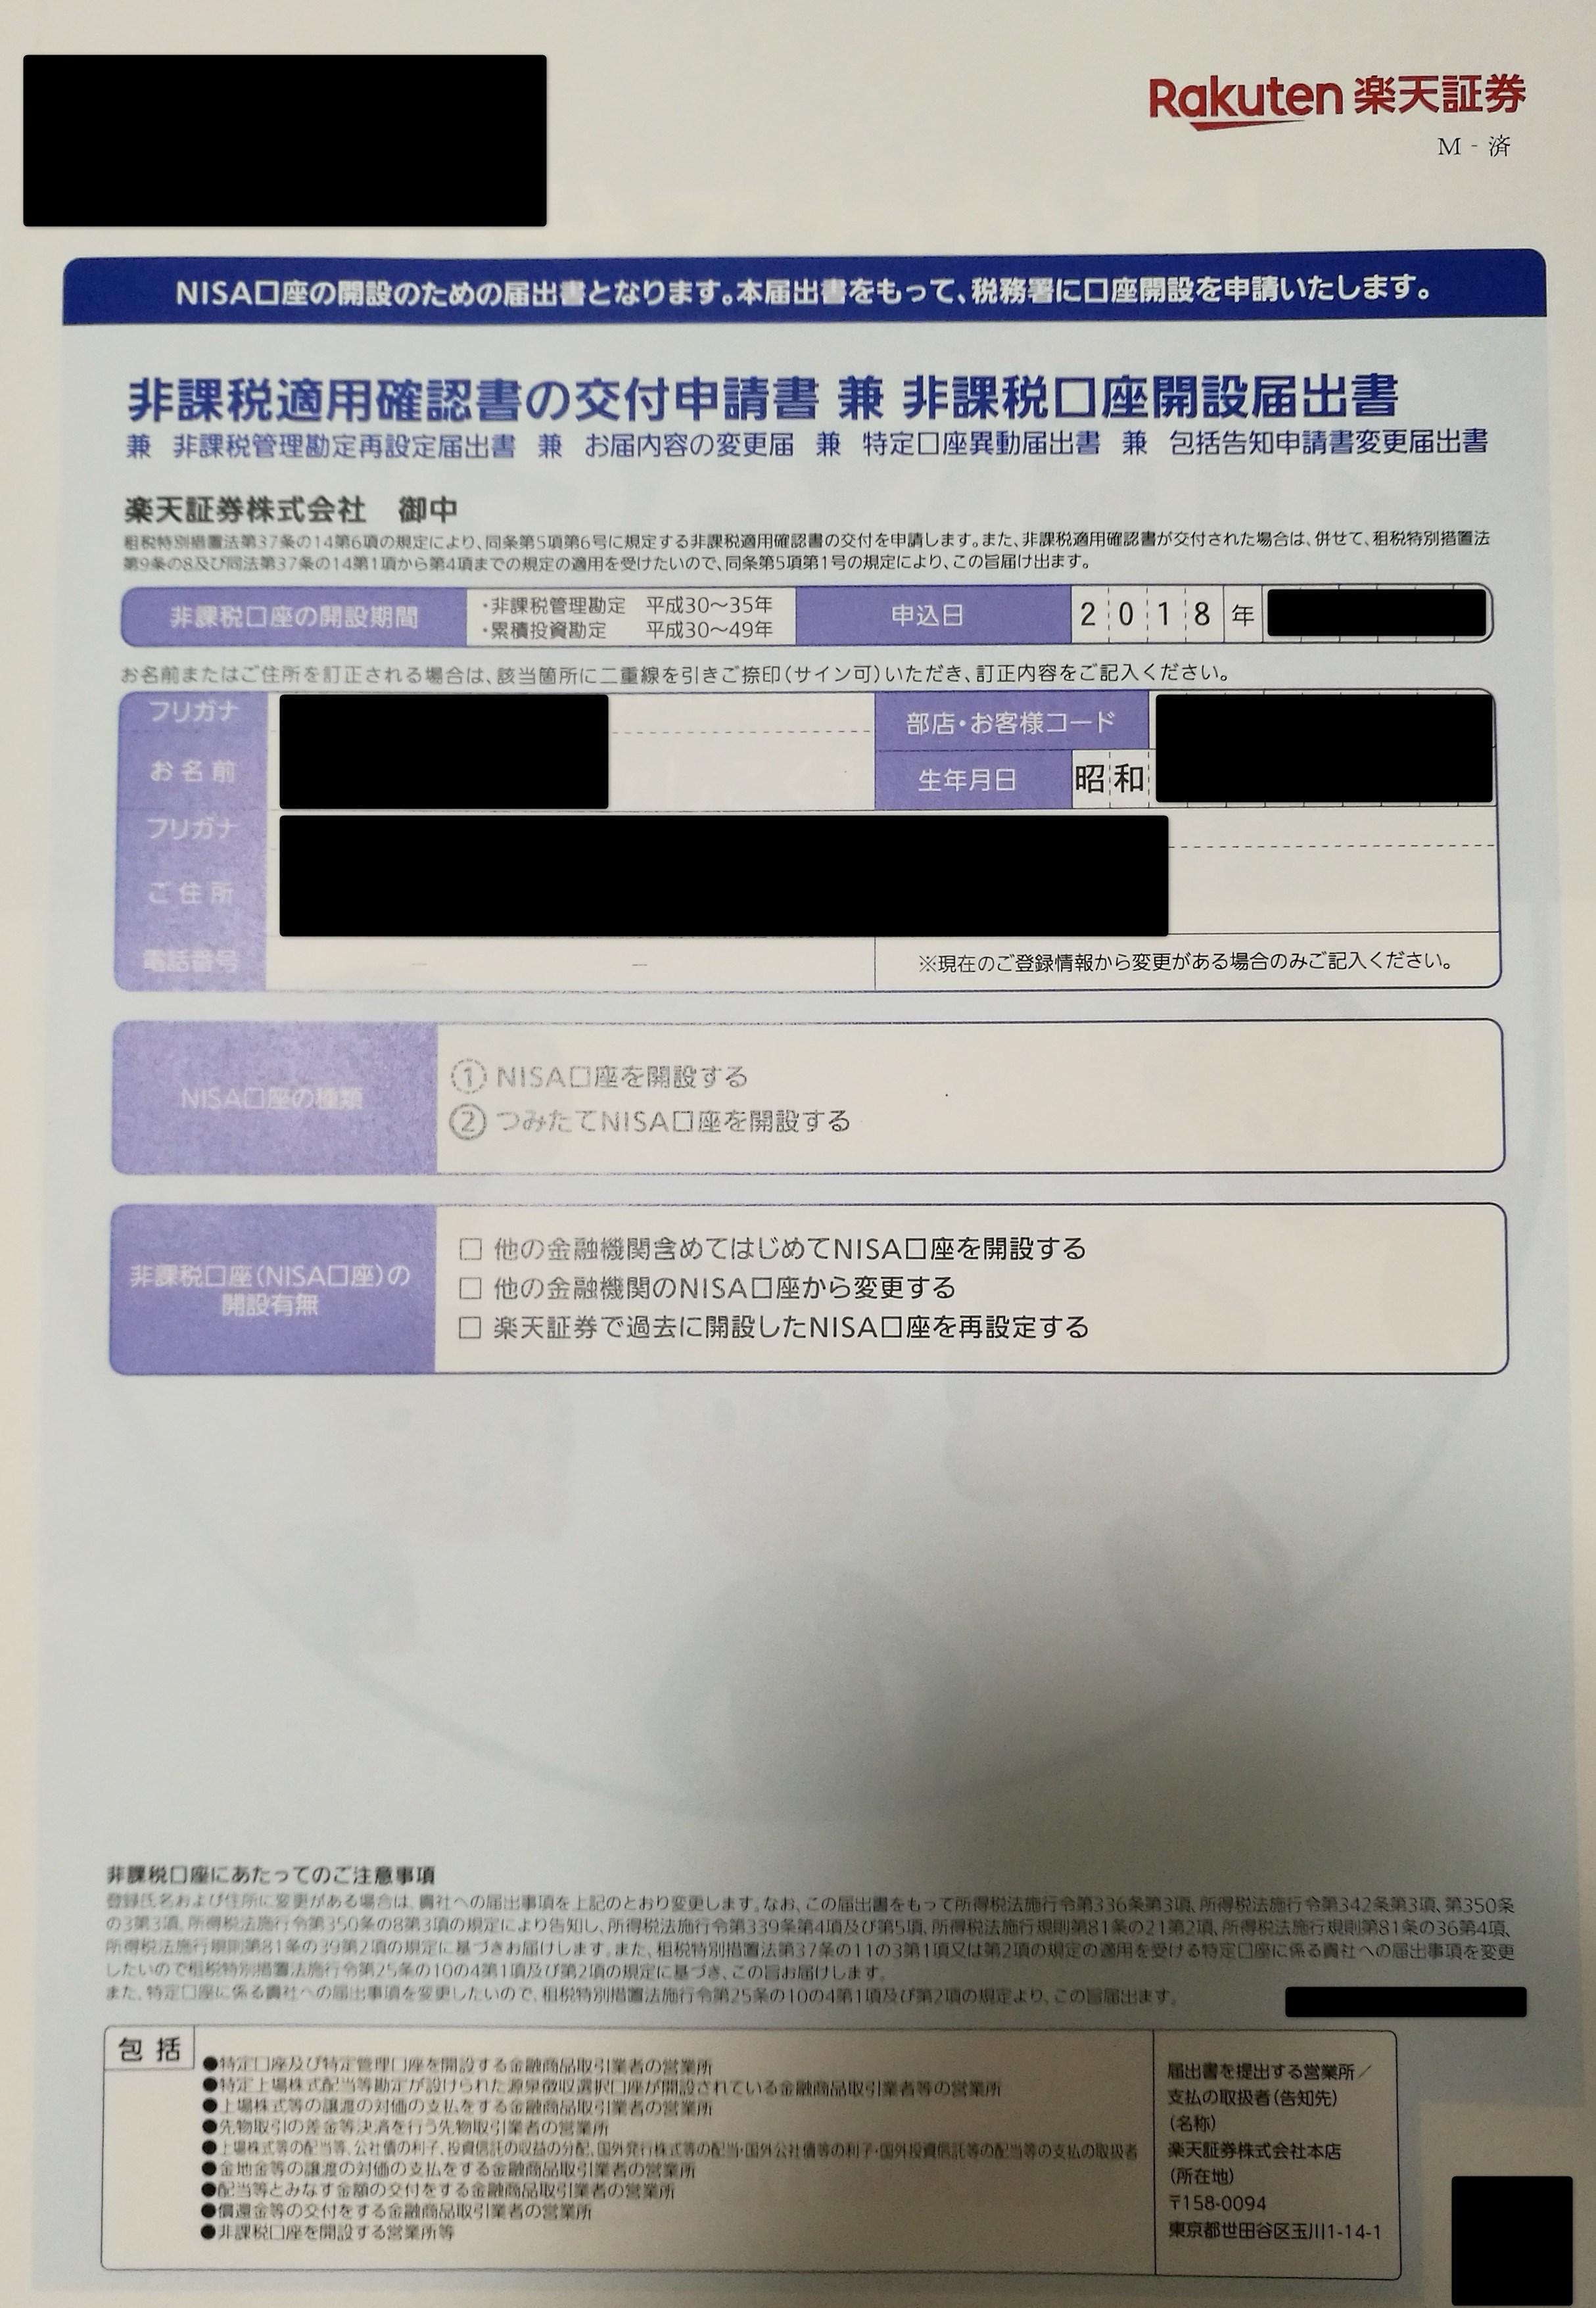 非課税適用確認書の交付申請書 兼 非課税口座開設届出書